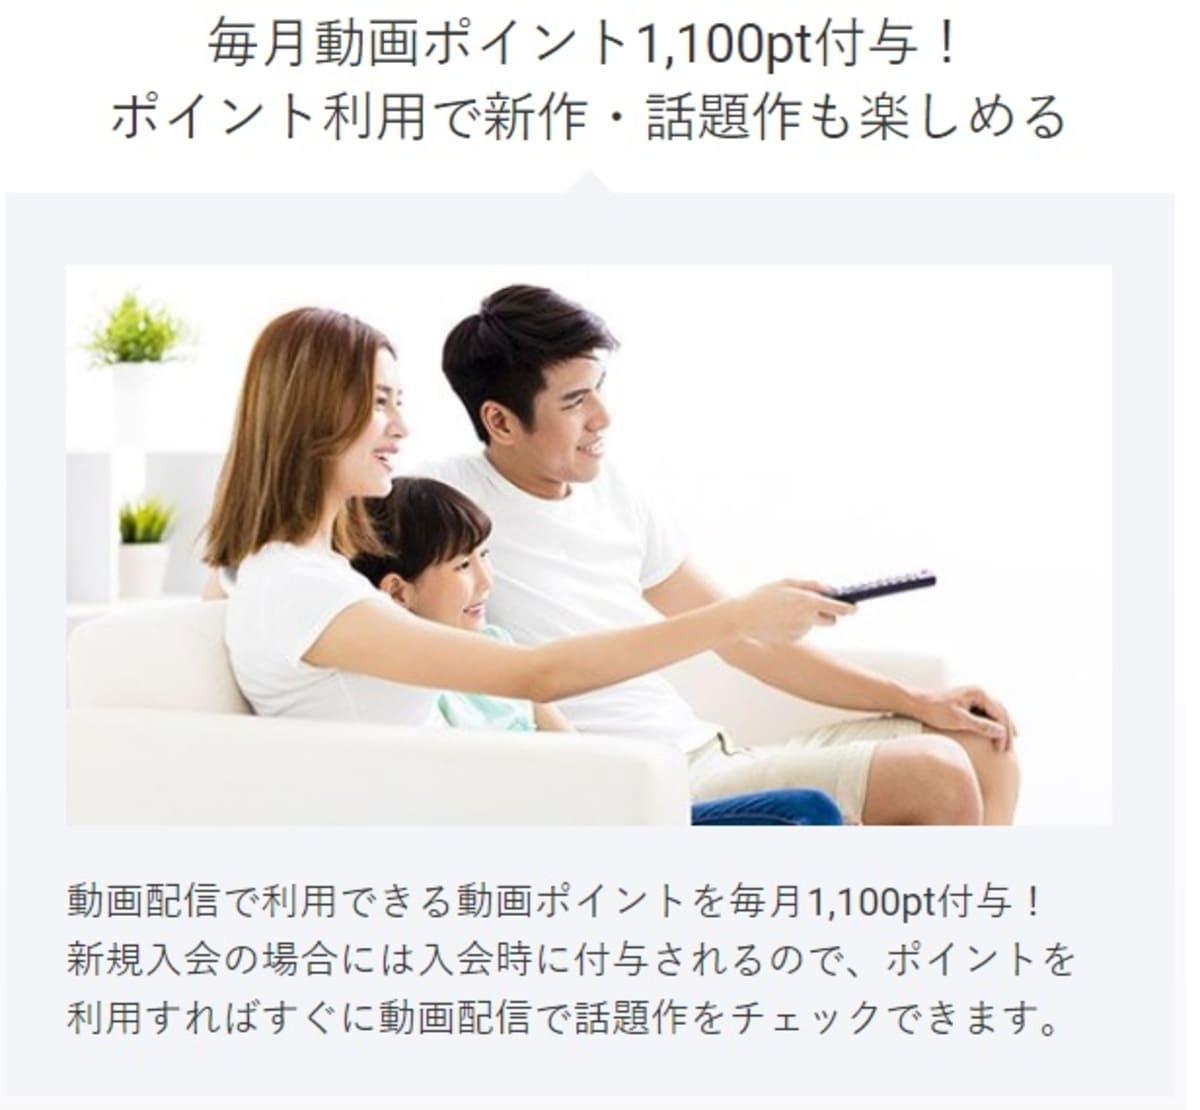 TSUTAYA TVは毎月も動画ポイント1,100ptがもらえる